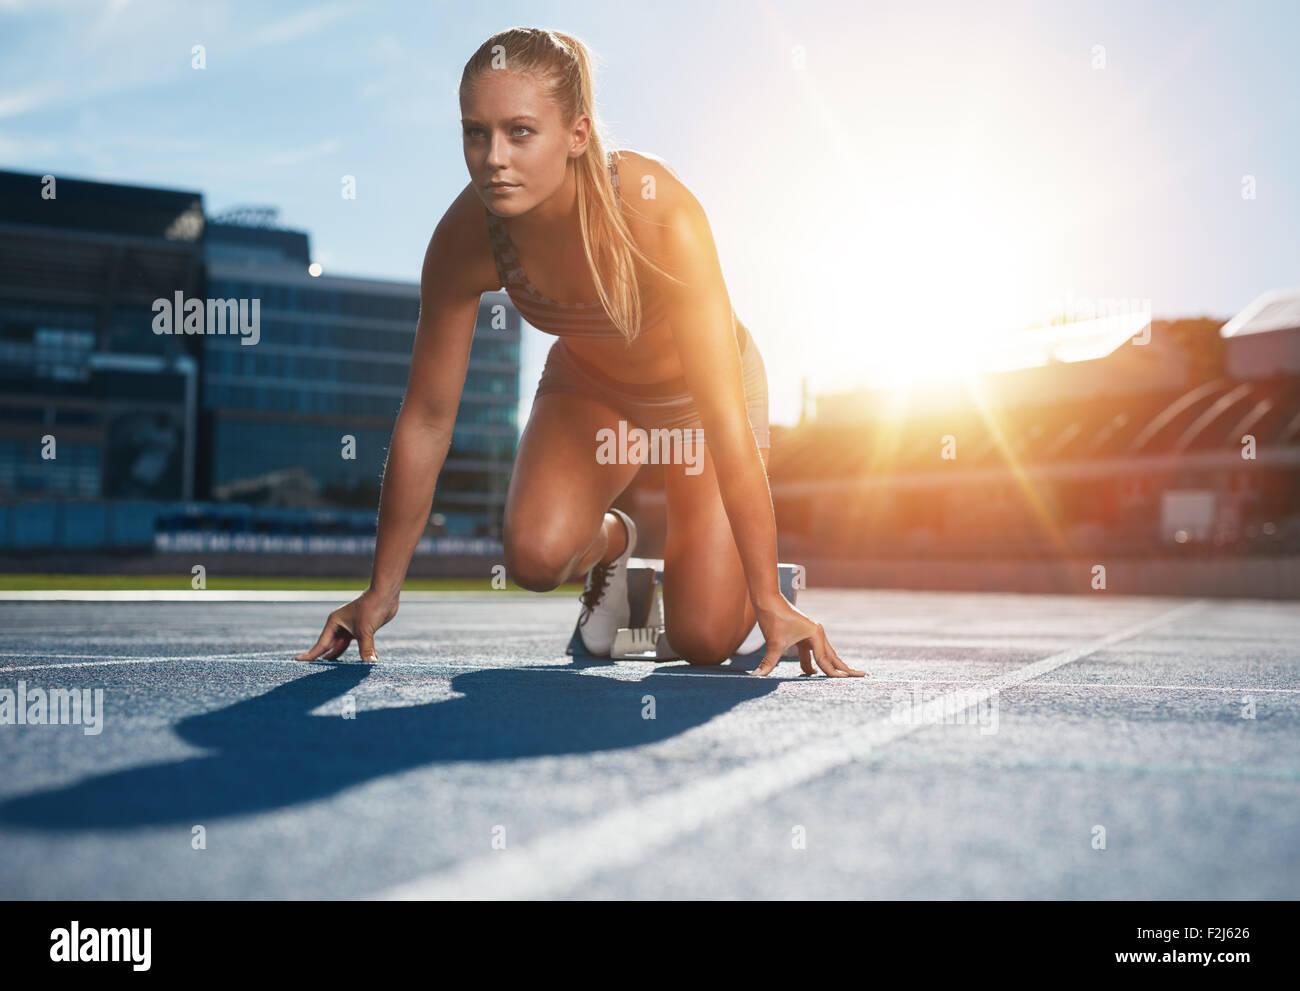 Mettre en place et en confiance femme en position de départ prêt pour la course. Athlète féminin sur le point de commencer un sprint à la route. Sunl lumineux Banque D'Images